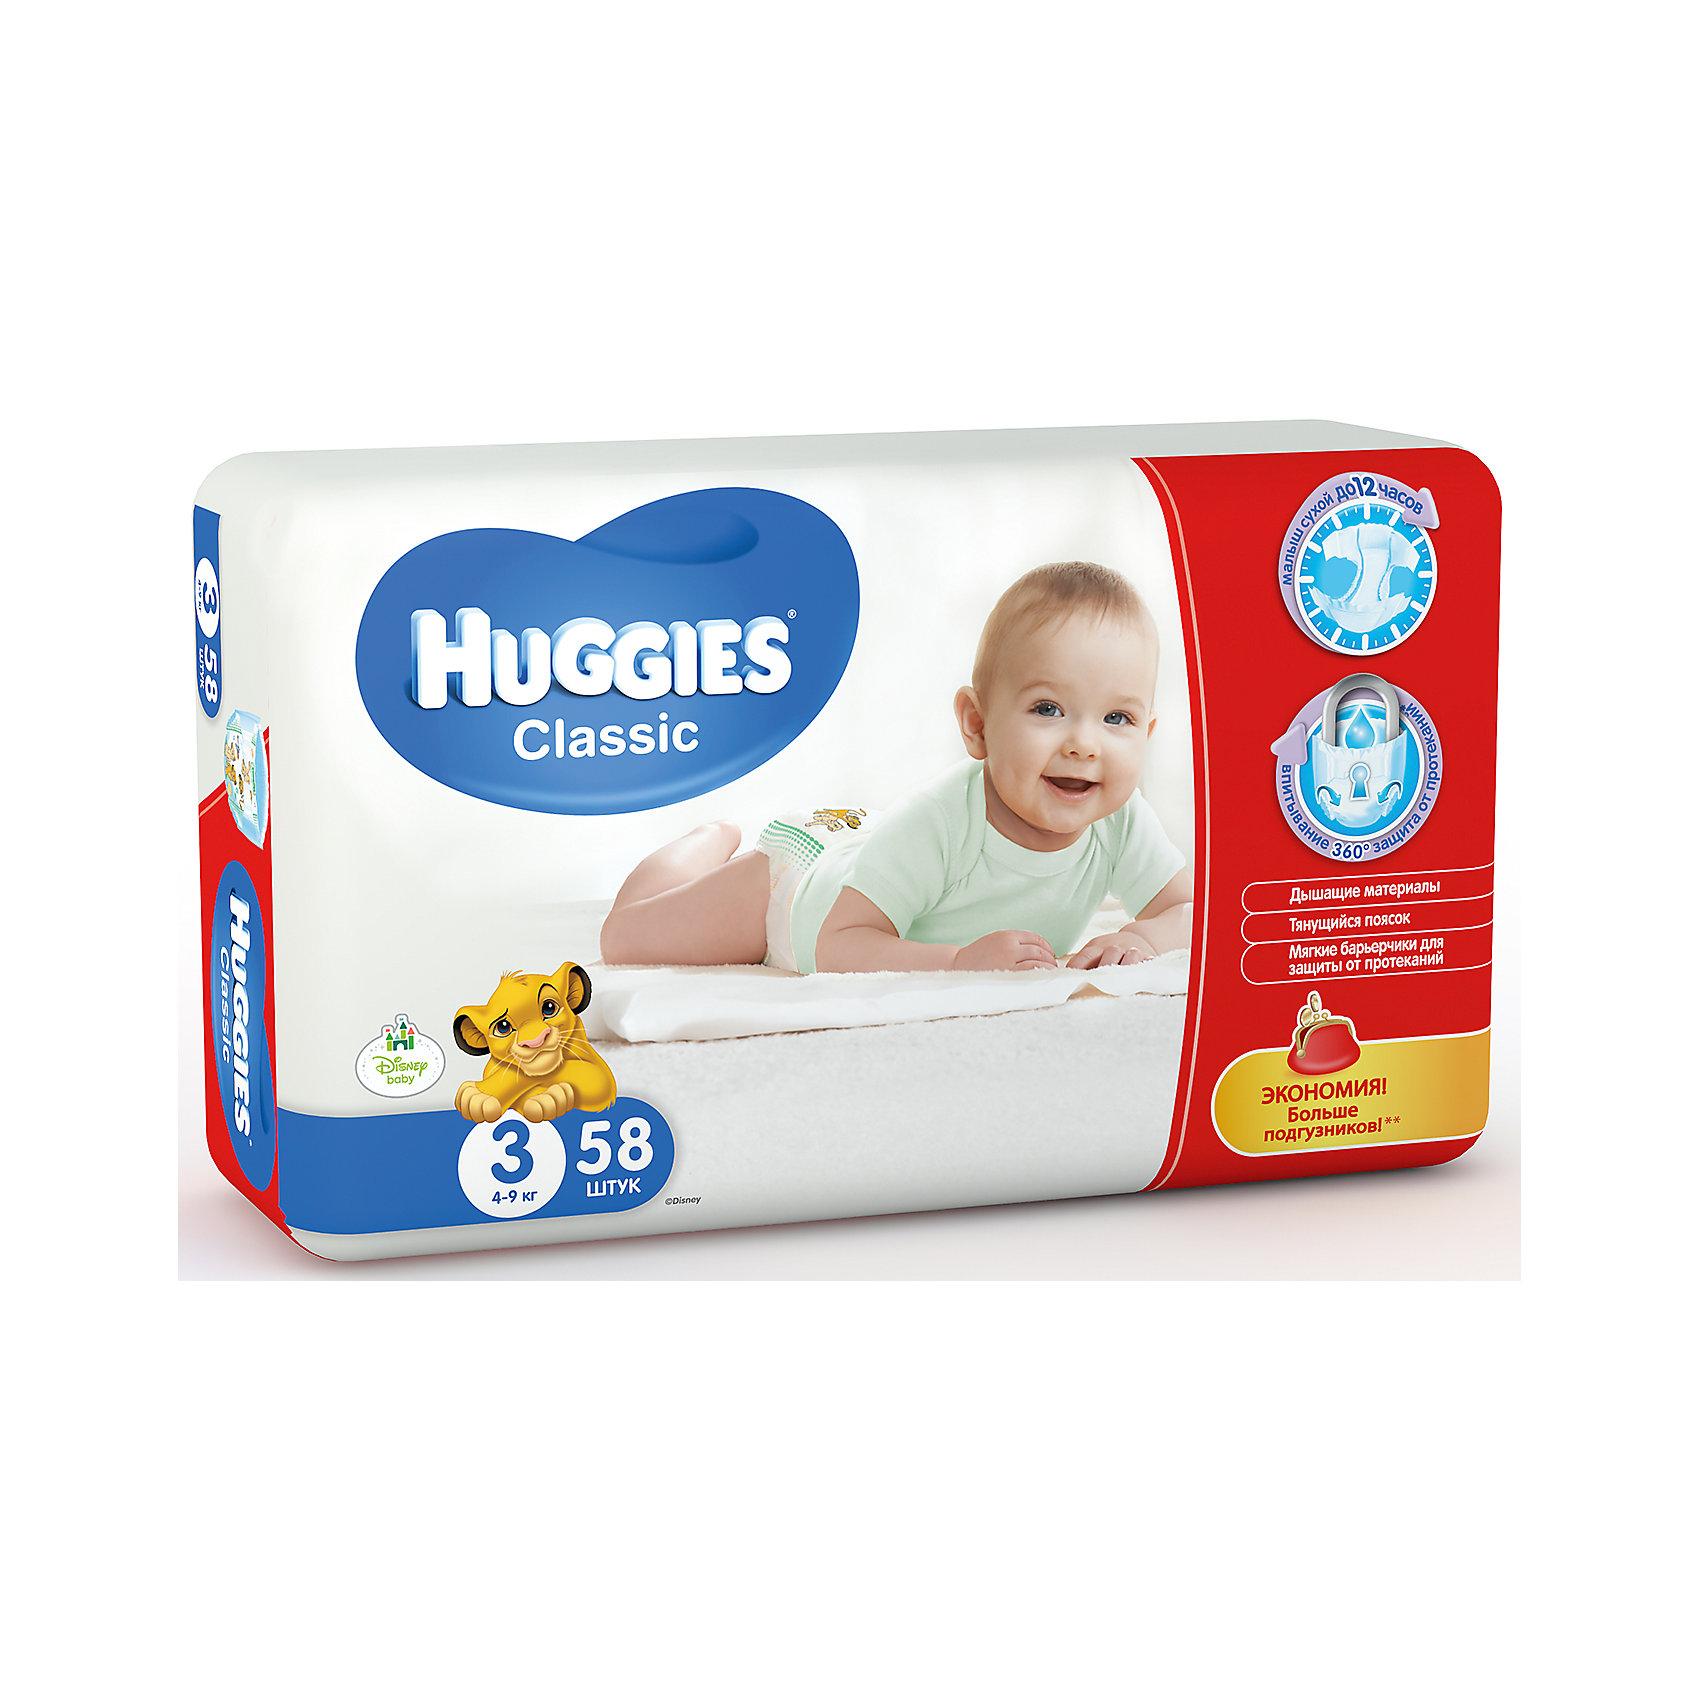 Подгузники Huggies Classic (3) Jumbo Pack 4-9 кг, 58 шт.HUGGIES Classic с технологией защиты от протекания 360° впитывают до 12 часов!<br><br>Подгузники HUGGIES  Classic, сделанные из мягких дышащих материалов, заботятся о комфорте Вашего малыша. Специальный блок-гель в подгузниках запирает влагу на замок до 12 часов, сохраняя кожу малыша сухой, а технология 360° -  мягкие эластичные барьерчики  и тянущийся поясок помогают предотвратить протекания вокруг ножек и по спинке.<br><br>Вашему малышу в подгузниках HUGGIES Classic будет сухо и комфортно!<br><br>Дополнительная информация:<br><br>Размер: 3, 4-9 кг.<br>В упаковке: 58 шт.<br><br>Подгузники Huggies Classic (3) Jumbo Pack 4-9 кг, 58 шт. можно купить в нашем интернет-магазине.<br><br>Ширина мм: 382<br>Глубина мм: 240<br>Высота мм: 108<br>Вес г: 1407<br>Возраст от месяцев: 0<br>Возраст до месяцев: 9<br>Пол: Унисекс<br>Возраст: Детский<br>SKU: 3361326